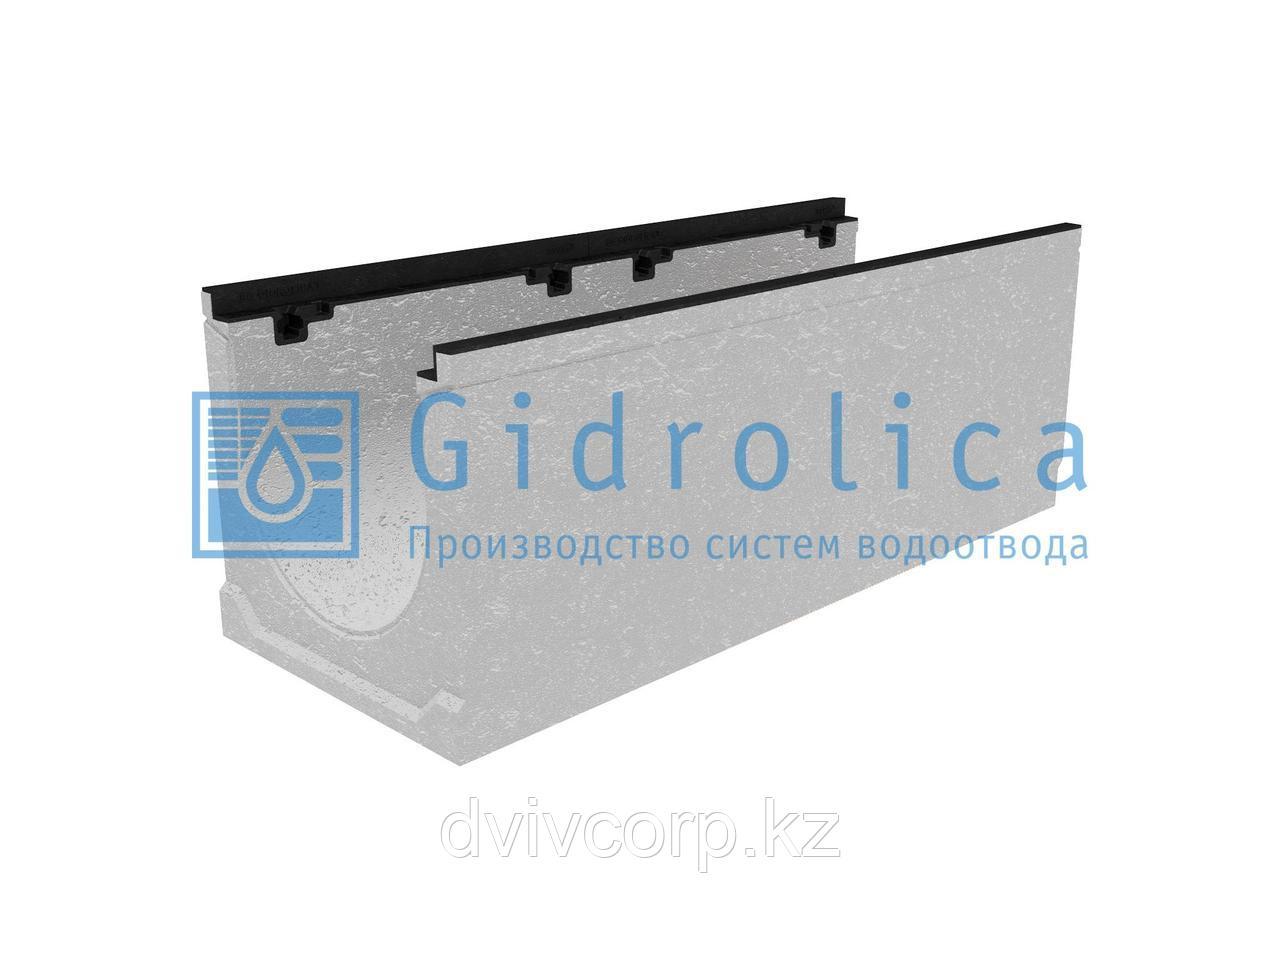 Лоток водоотводный бетонный коробчатый (СО-300мм), с чугунной насадкой  КU 100.39,9 (30).37(30) - BGZ-S, №